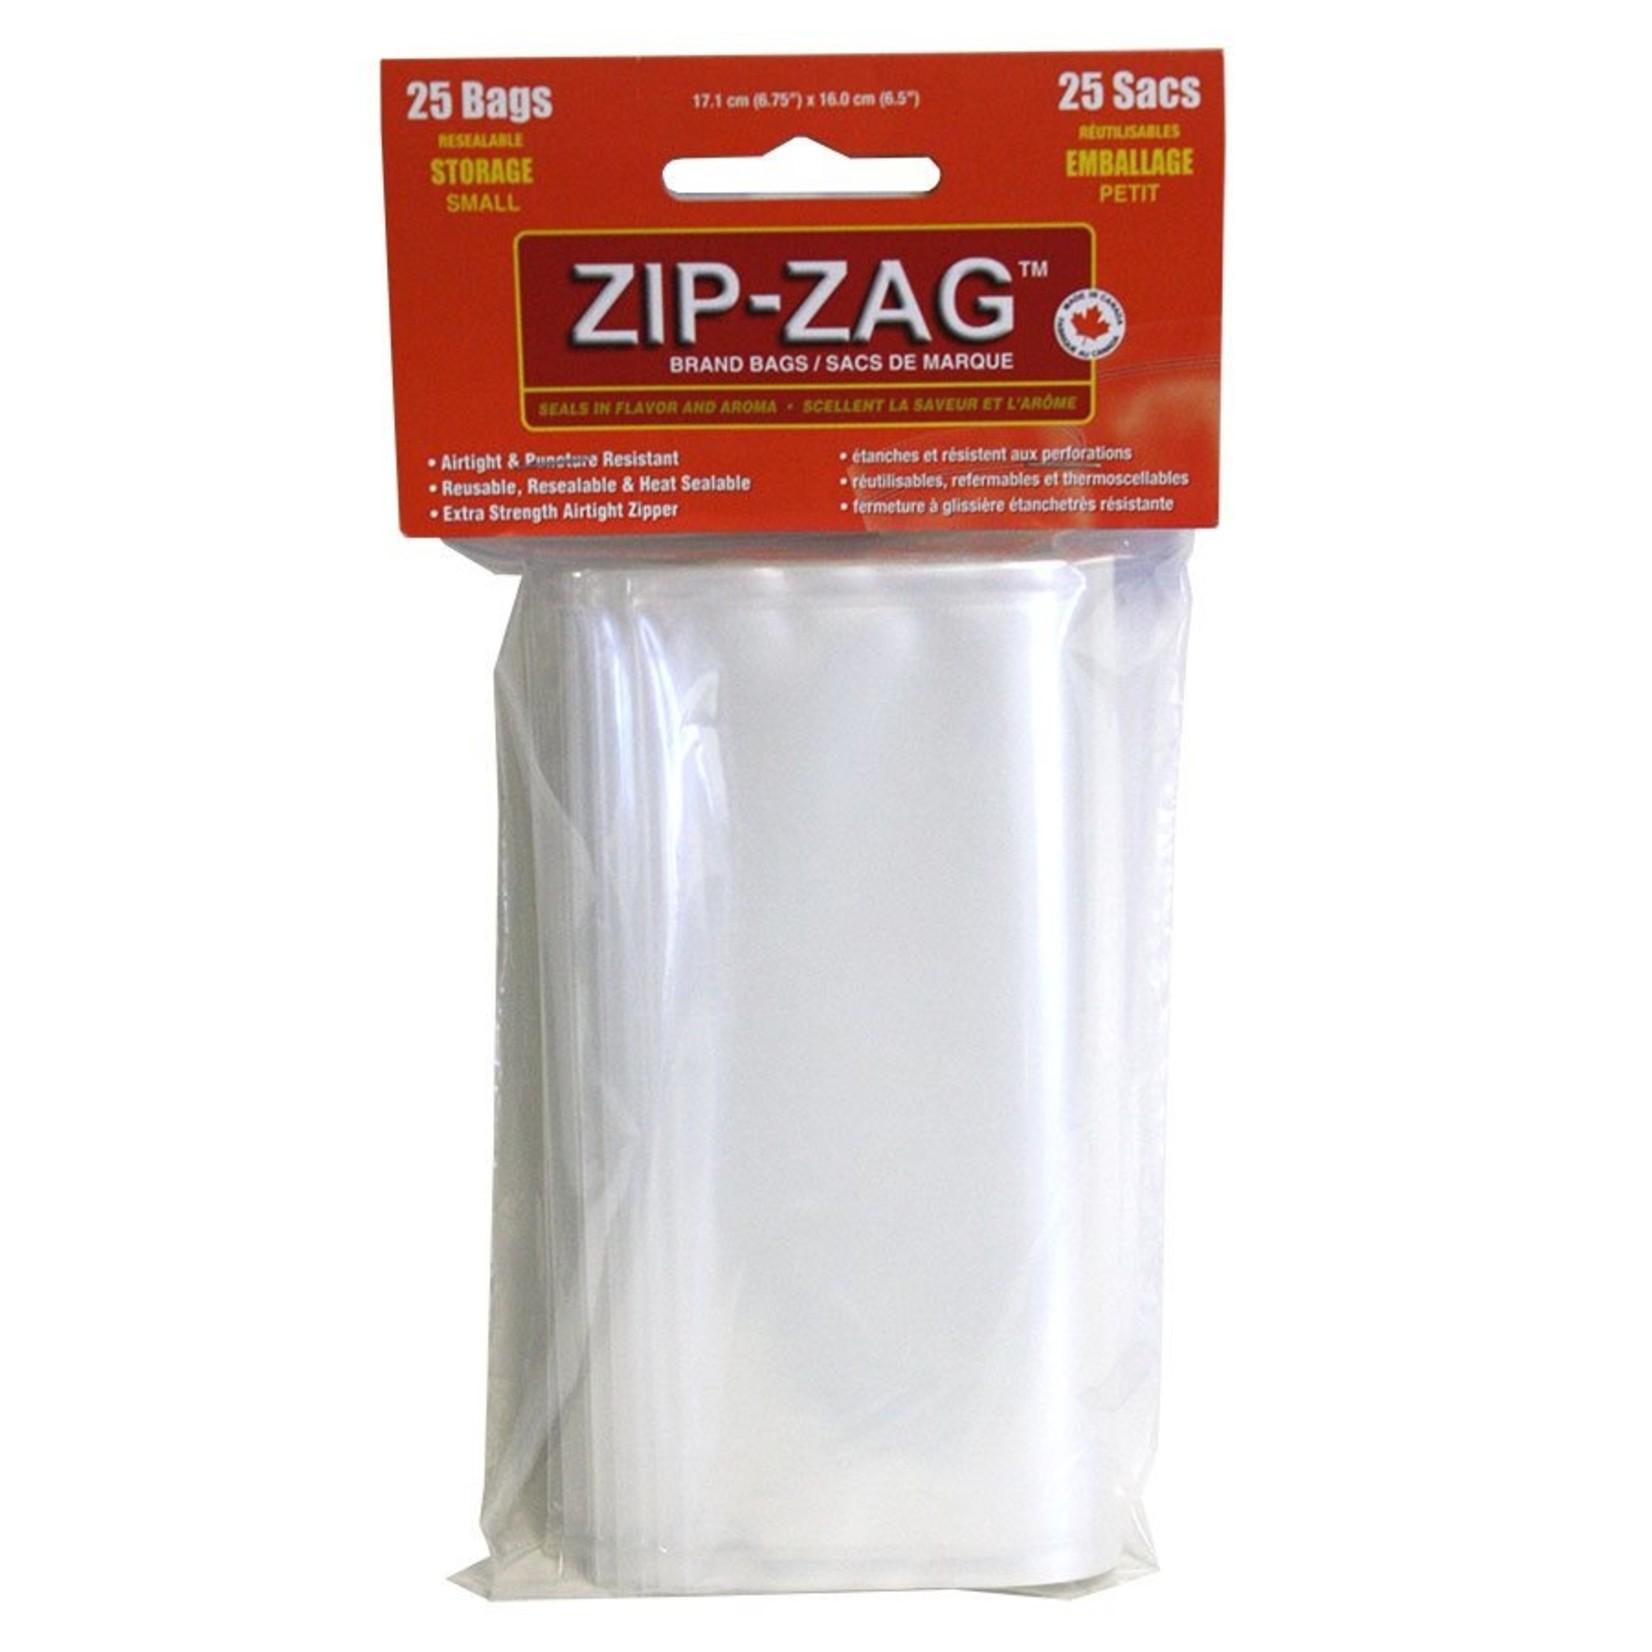 zip-zag ZIP ZAG SANDWICH BAGS 25